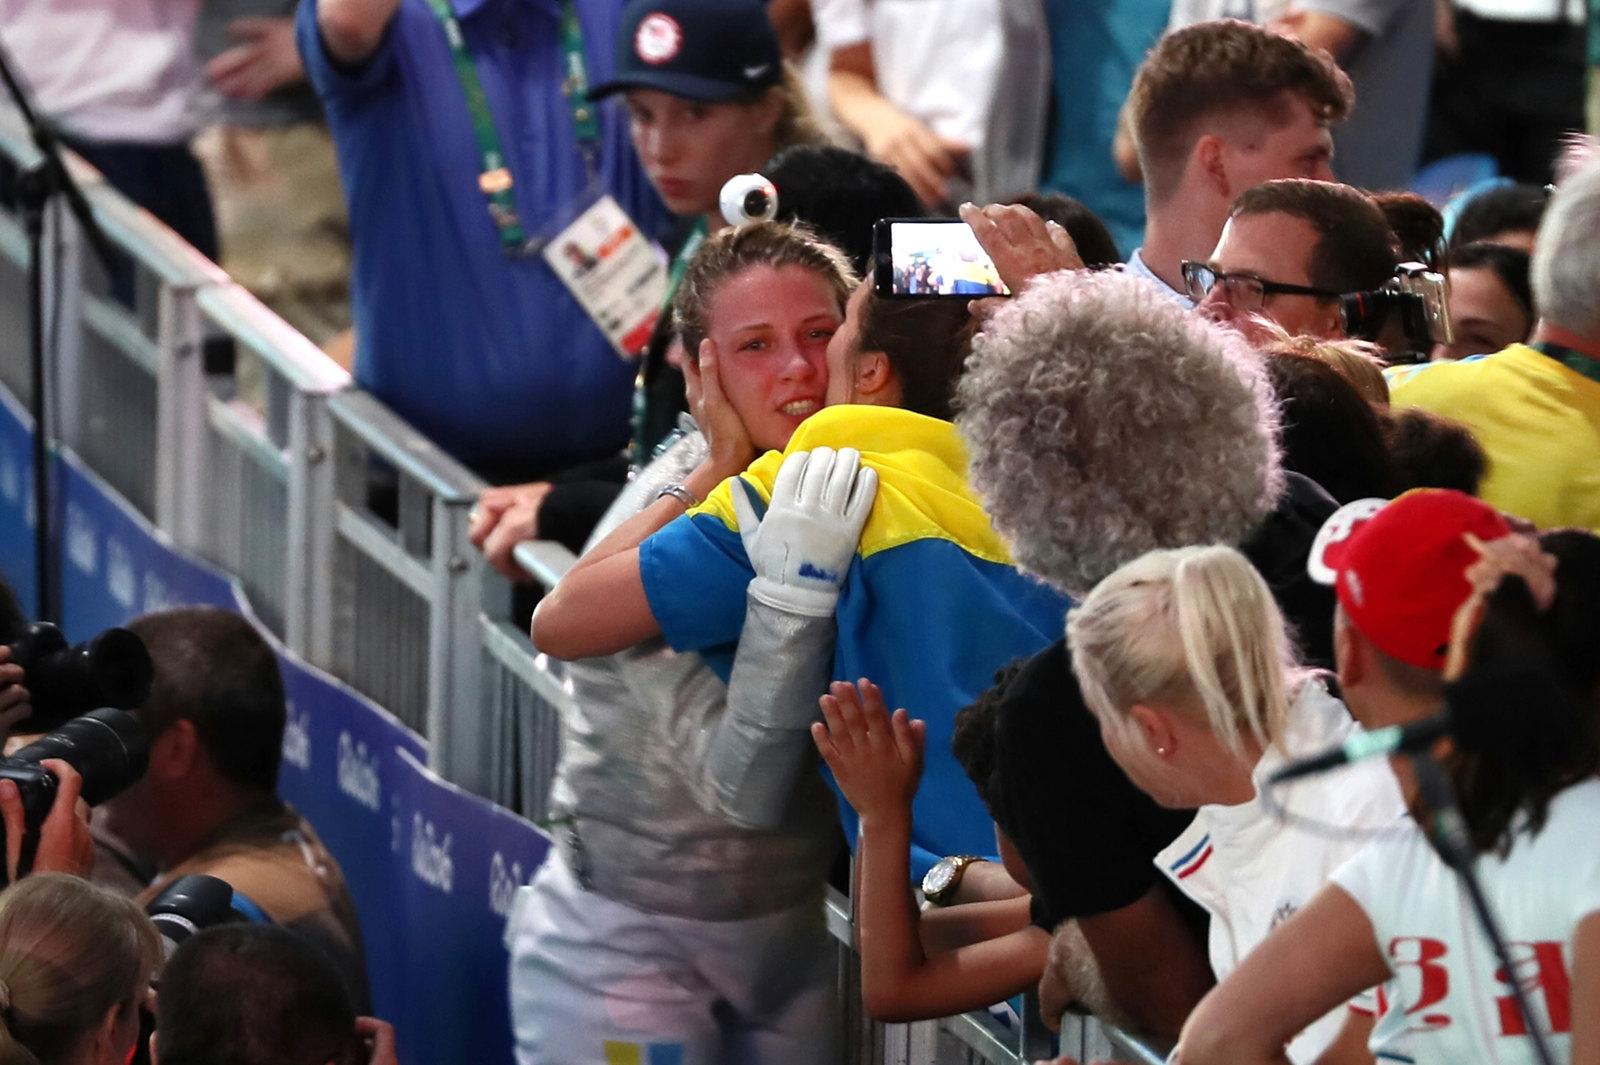 Фехтовальщица Ольга Харлан принимает поздравления, после поединка за бронзу